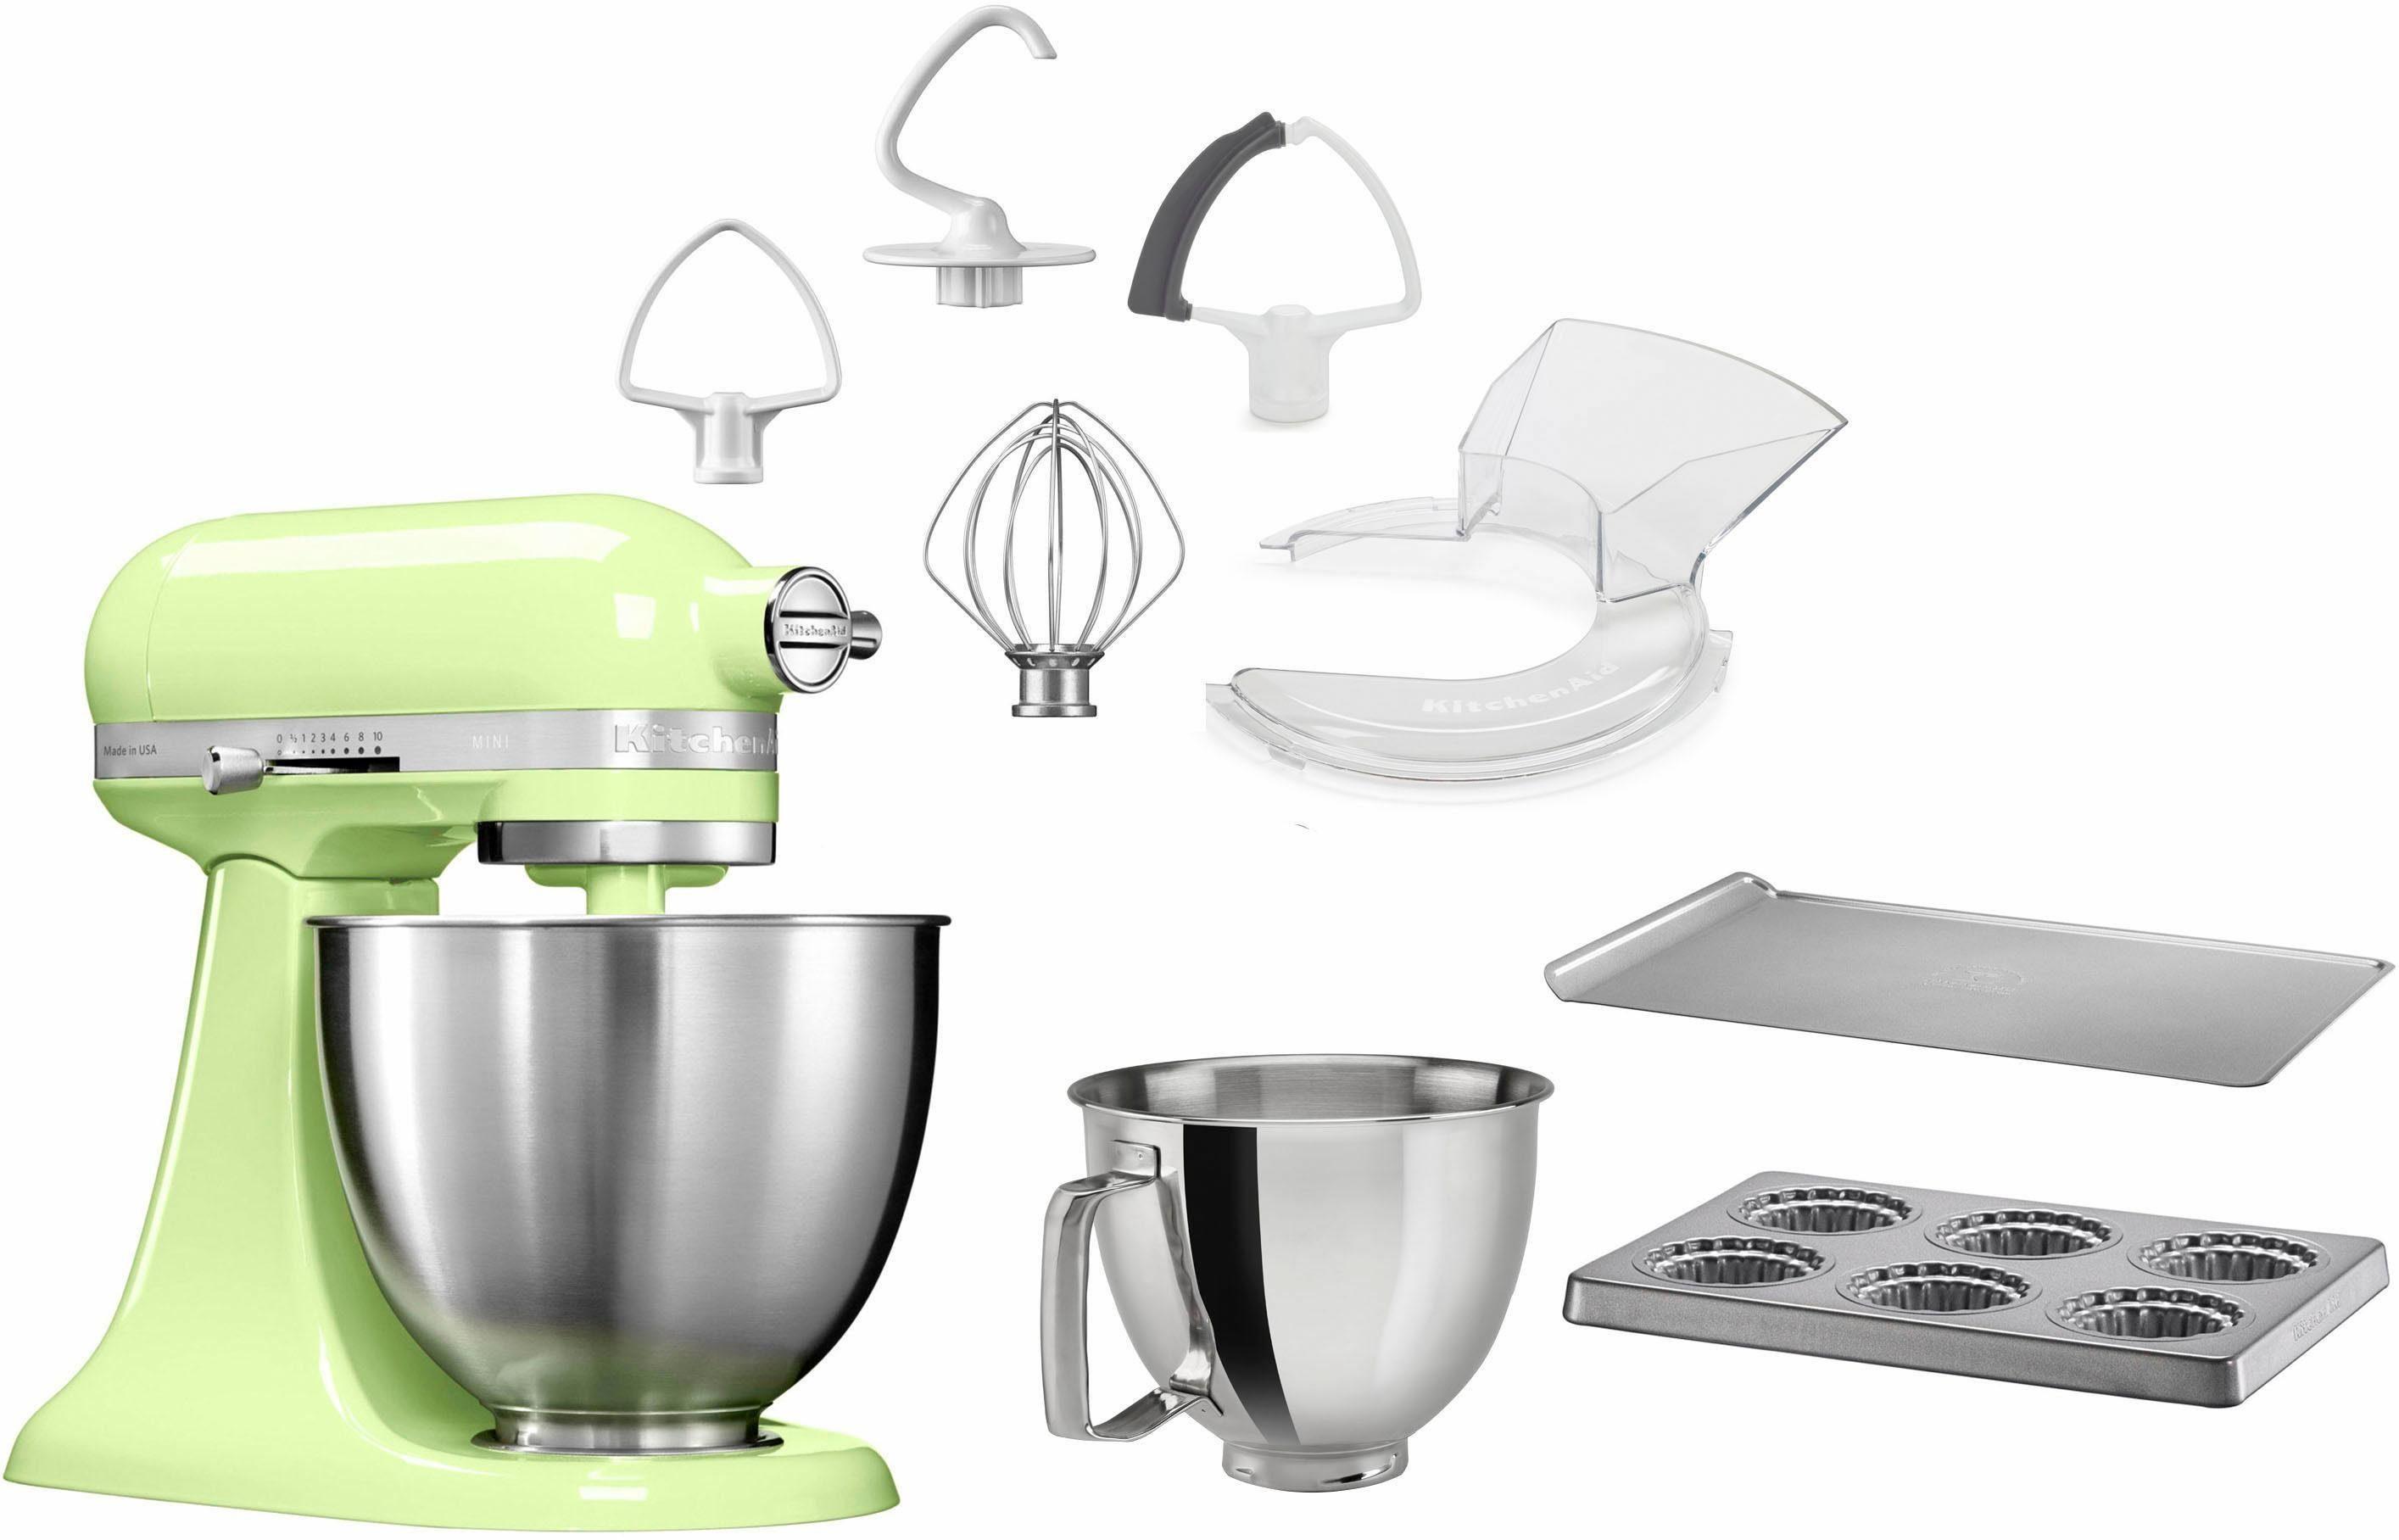 KitchenAid Küchenmaschine Mini 5KSM3311XEHW, 250 W, 3,3 l Schüssel, mit Sonderzubehör im Wert von 246,-€ UVP